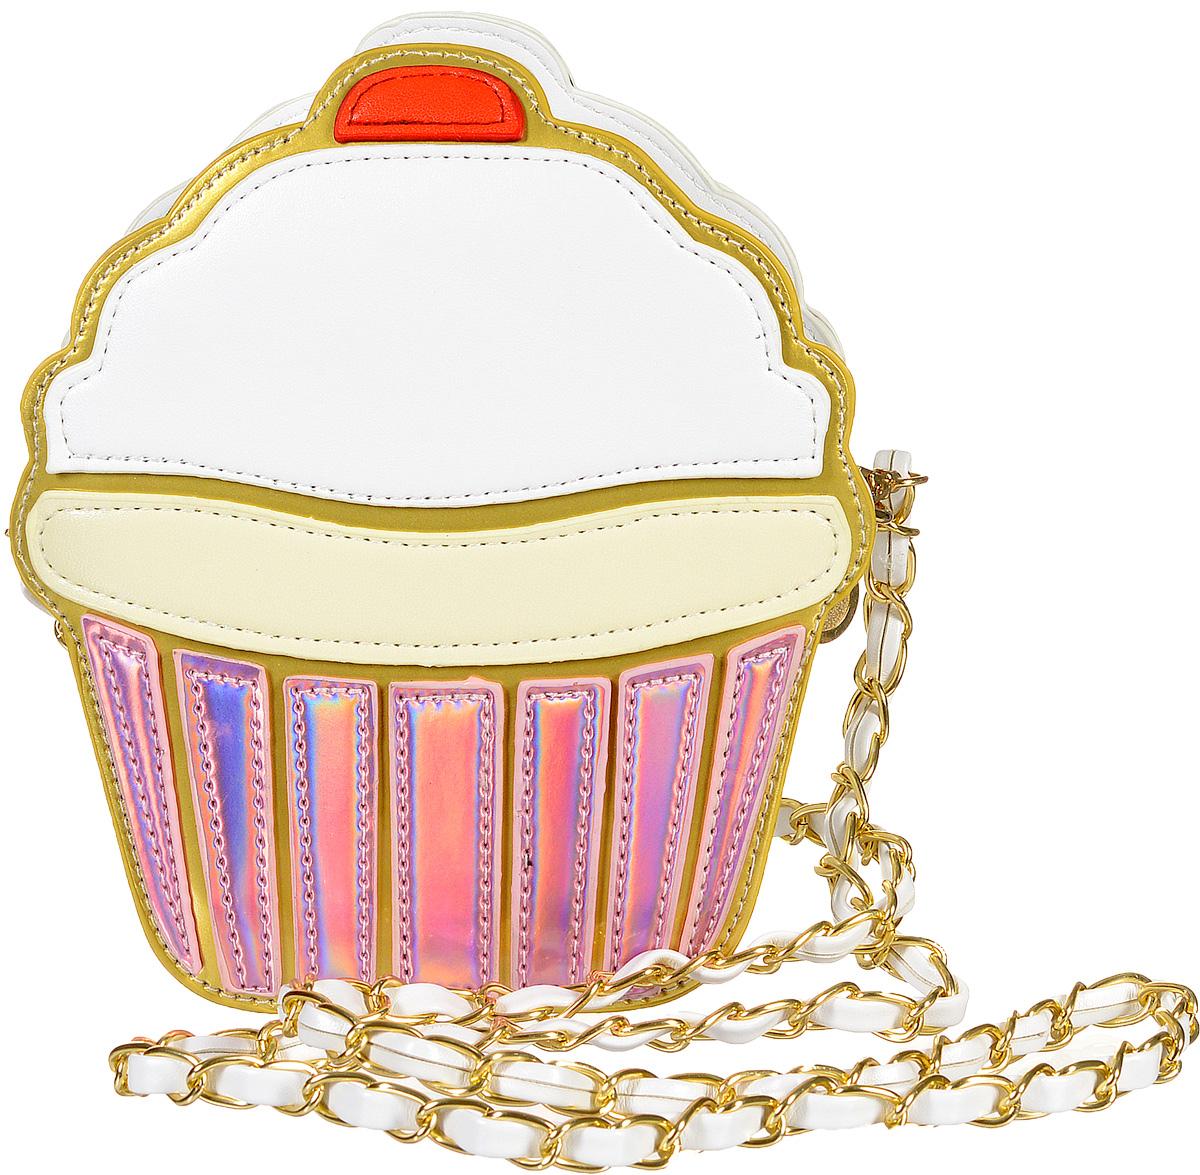 Сумка женская Kawaii Factory Капкейк, цвет: розовый. KW100-0001173-47660-00504Оригинальная сумка Капкейк от Kawaii Factory говорит сама за себя - хозяйка уверена в себе и обладает солнечным чувством юмора. Ведь кто еще спрячет свои мелочи внутрь яркого пирожного, которое выглядит таким настоящим! Внутренний объем позволяет вместить в аксессуар все необходимое. Модель выполнена из искусственной кожи и акрила, имеет одно основное отделение на молнии и оснащена элегантным плечевым ремнем-цепочкой.С этой сумочкой вы сможете сделать свой образ неординарным и эффектным.